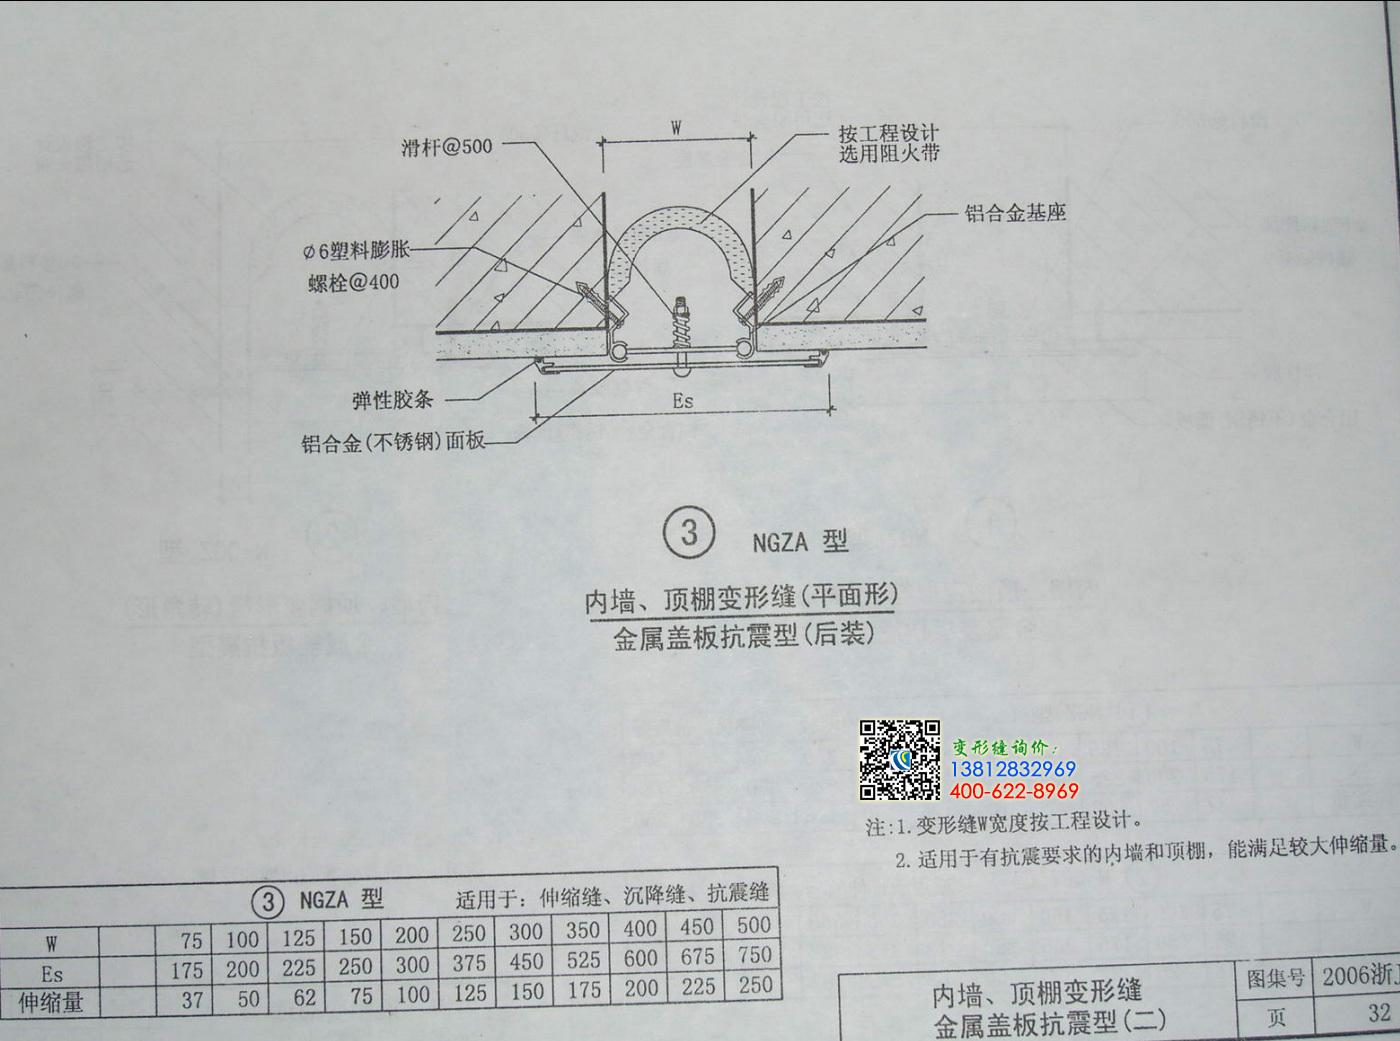 2006浙j55变形缝图集第32页